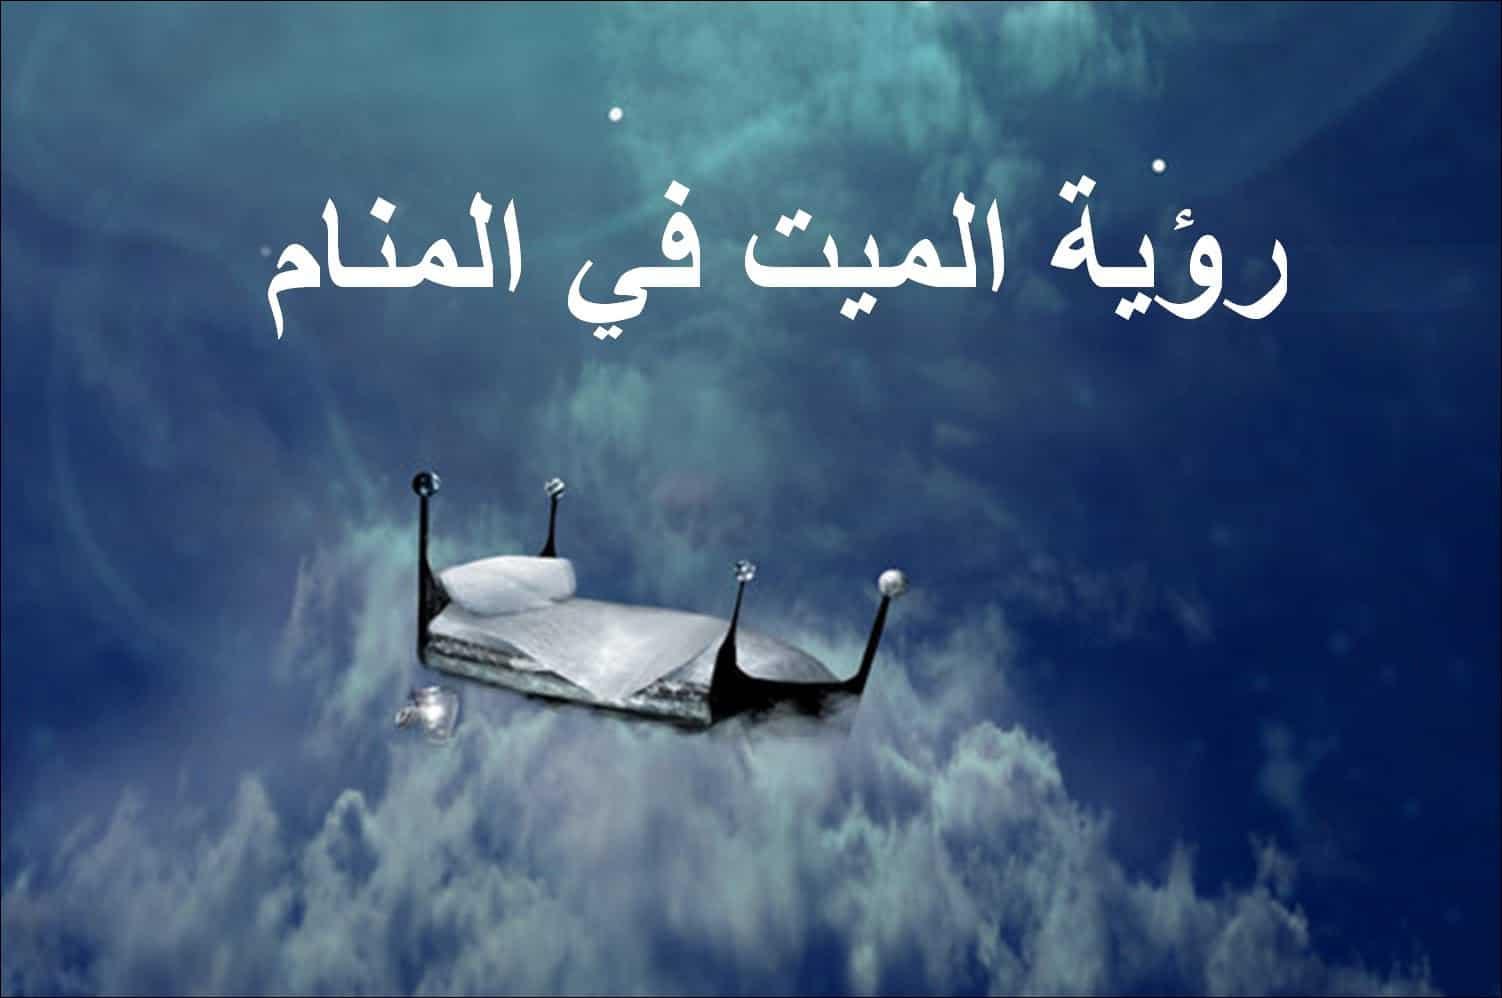 صوره اسباب عدم رؤية الميت في المنام , لماذا لا نري الميت فالمنام